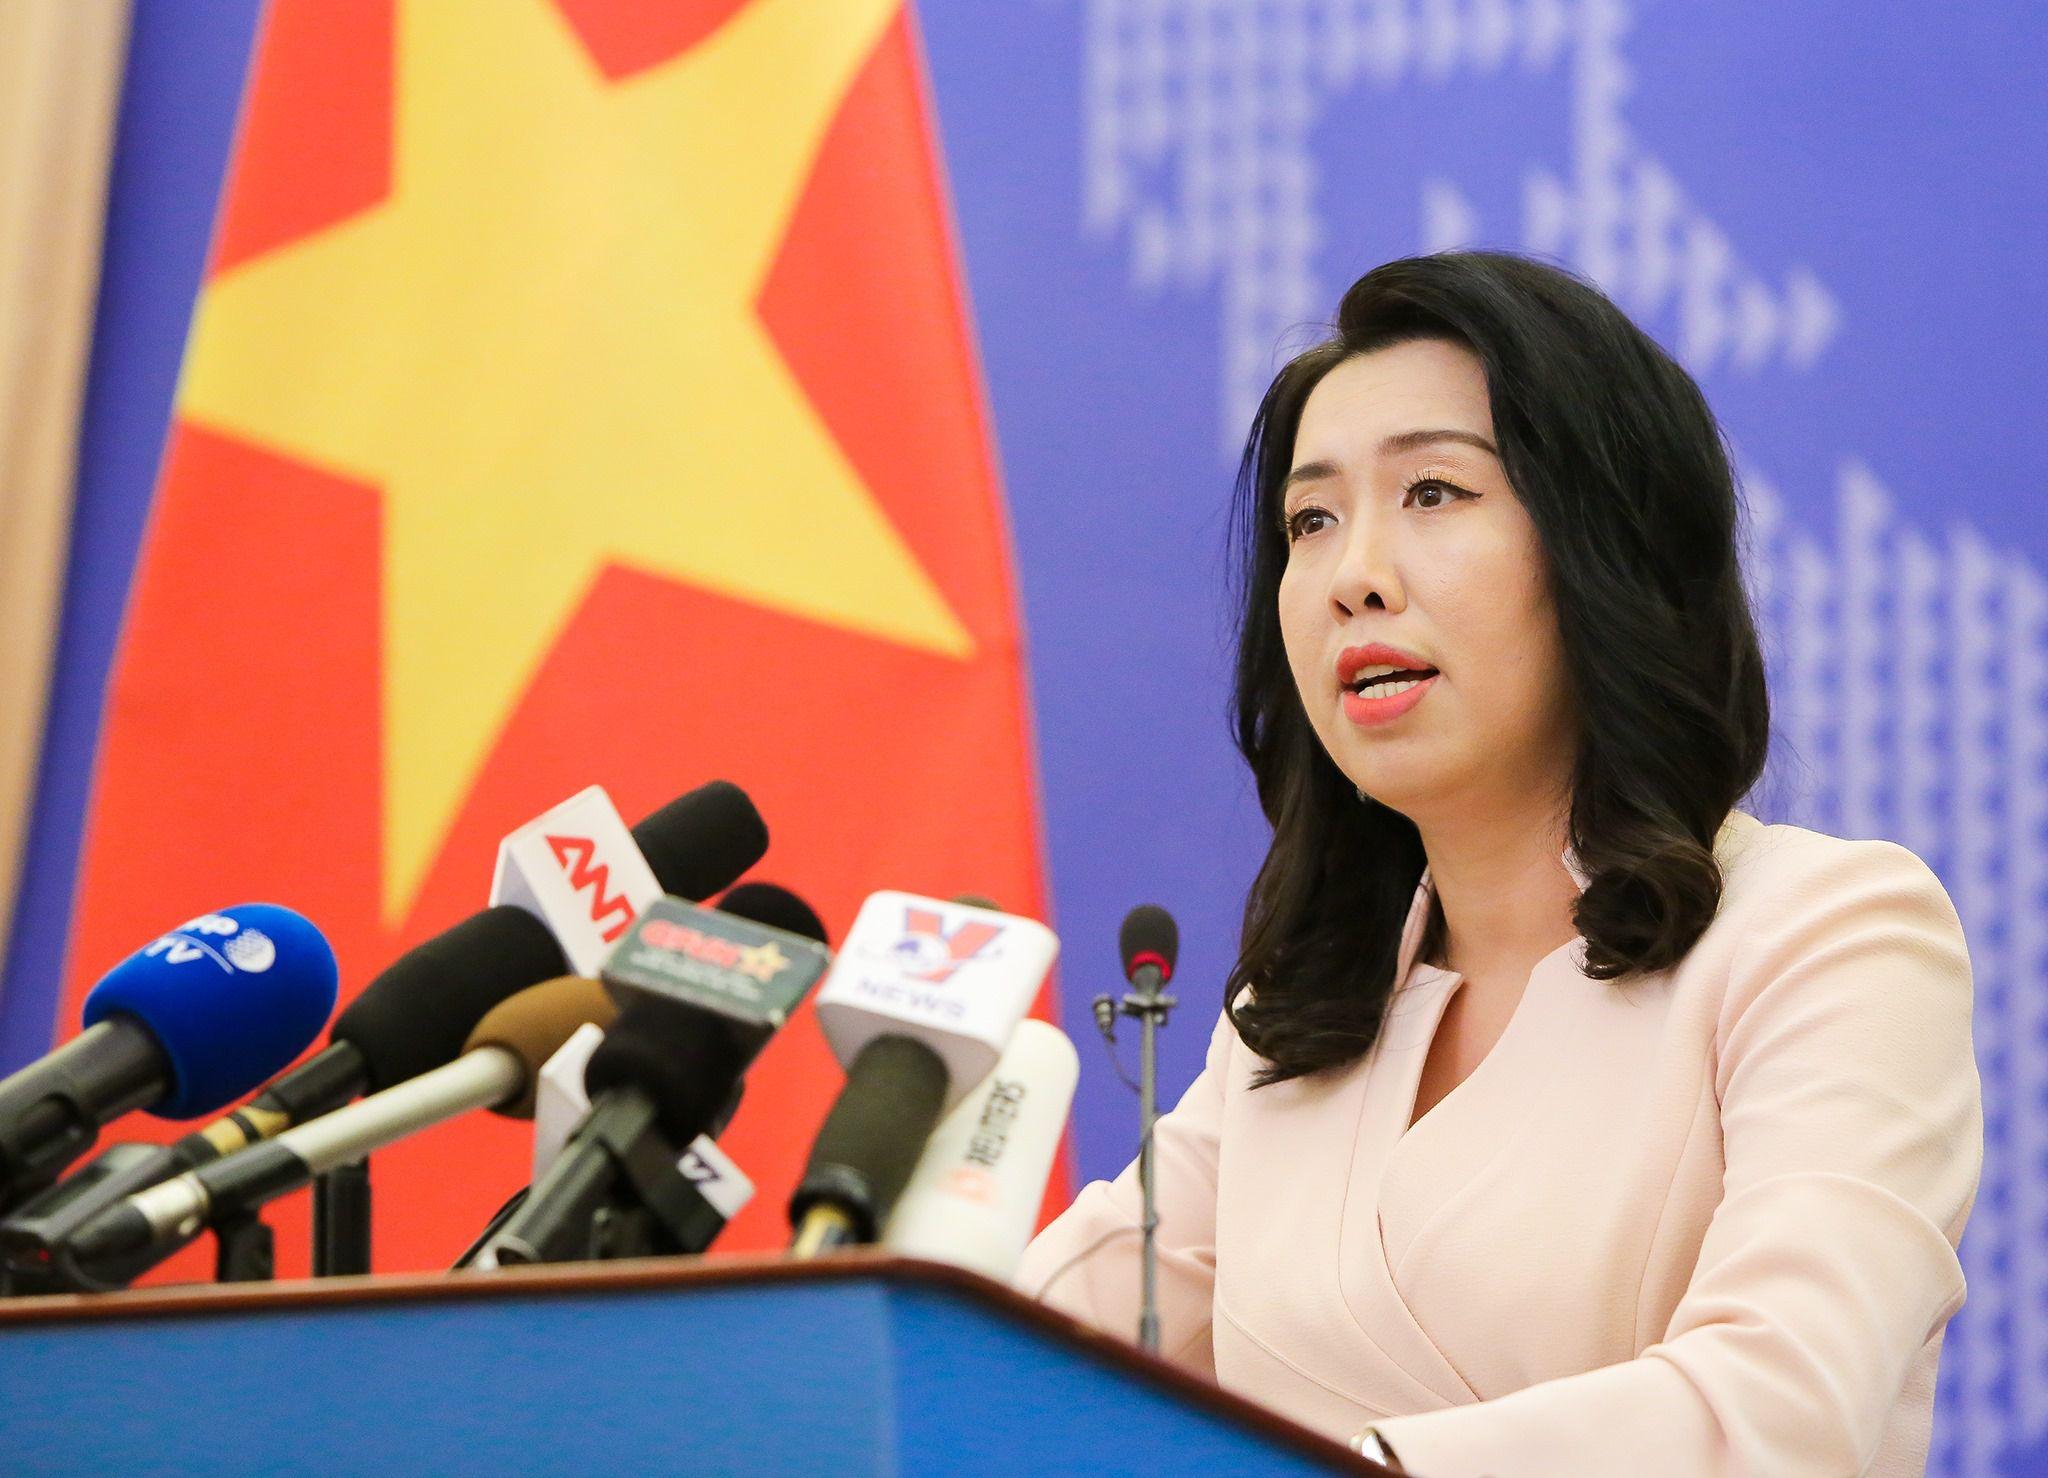 Tàu Trung Quốc quay trở lại xâm phạm vùng đặc quyền kinh tế của Việt Nam